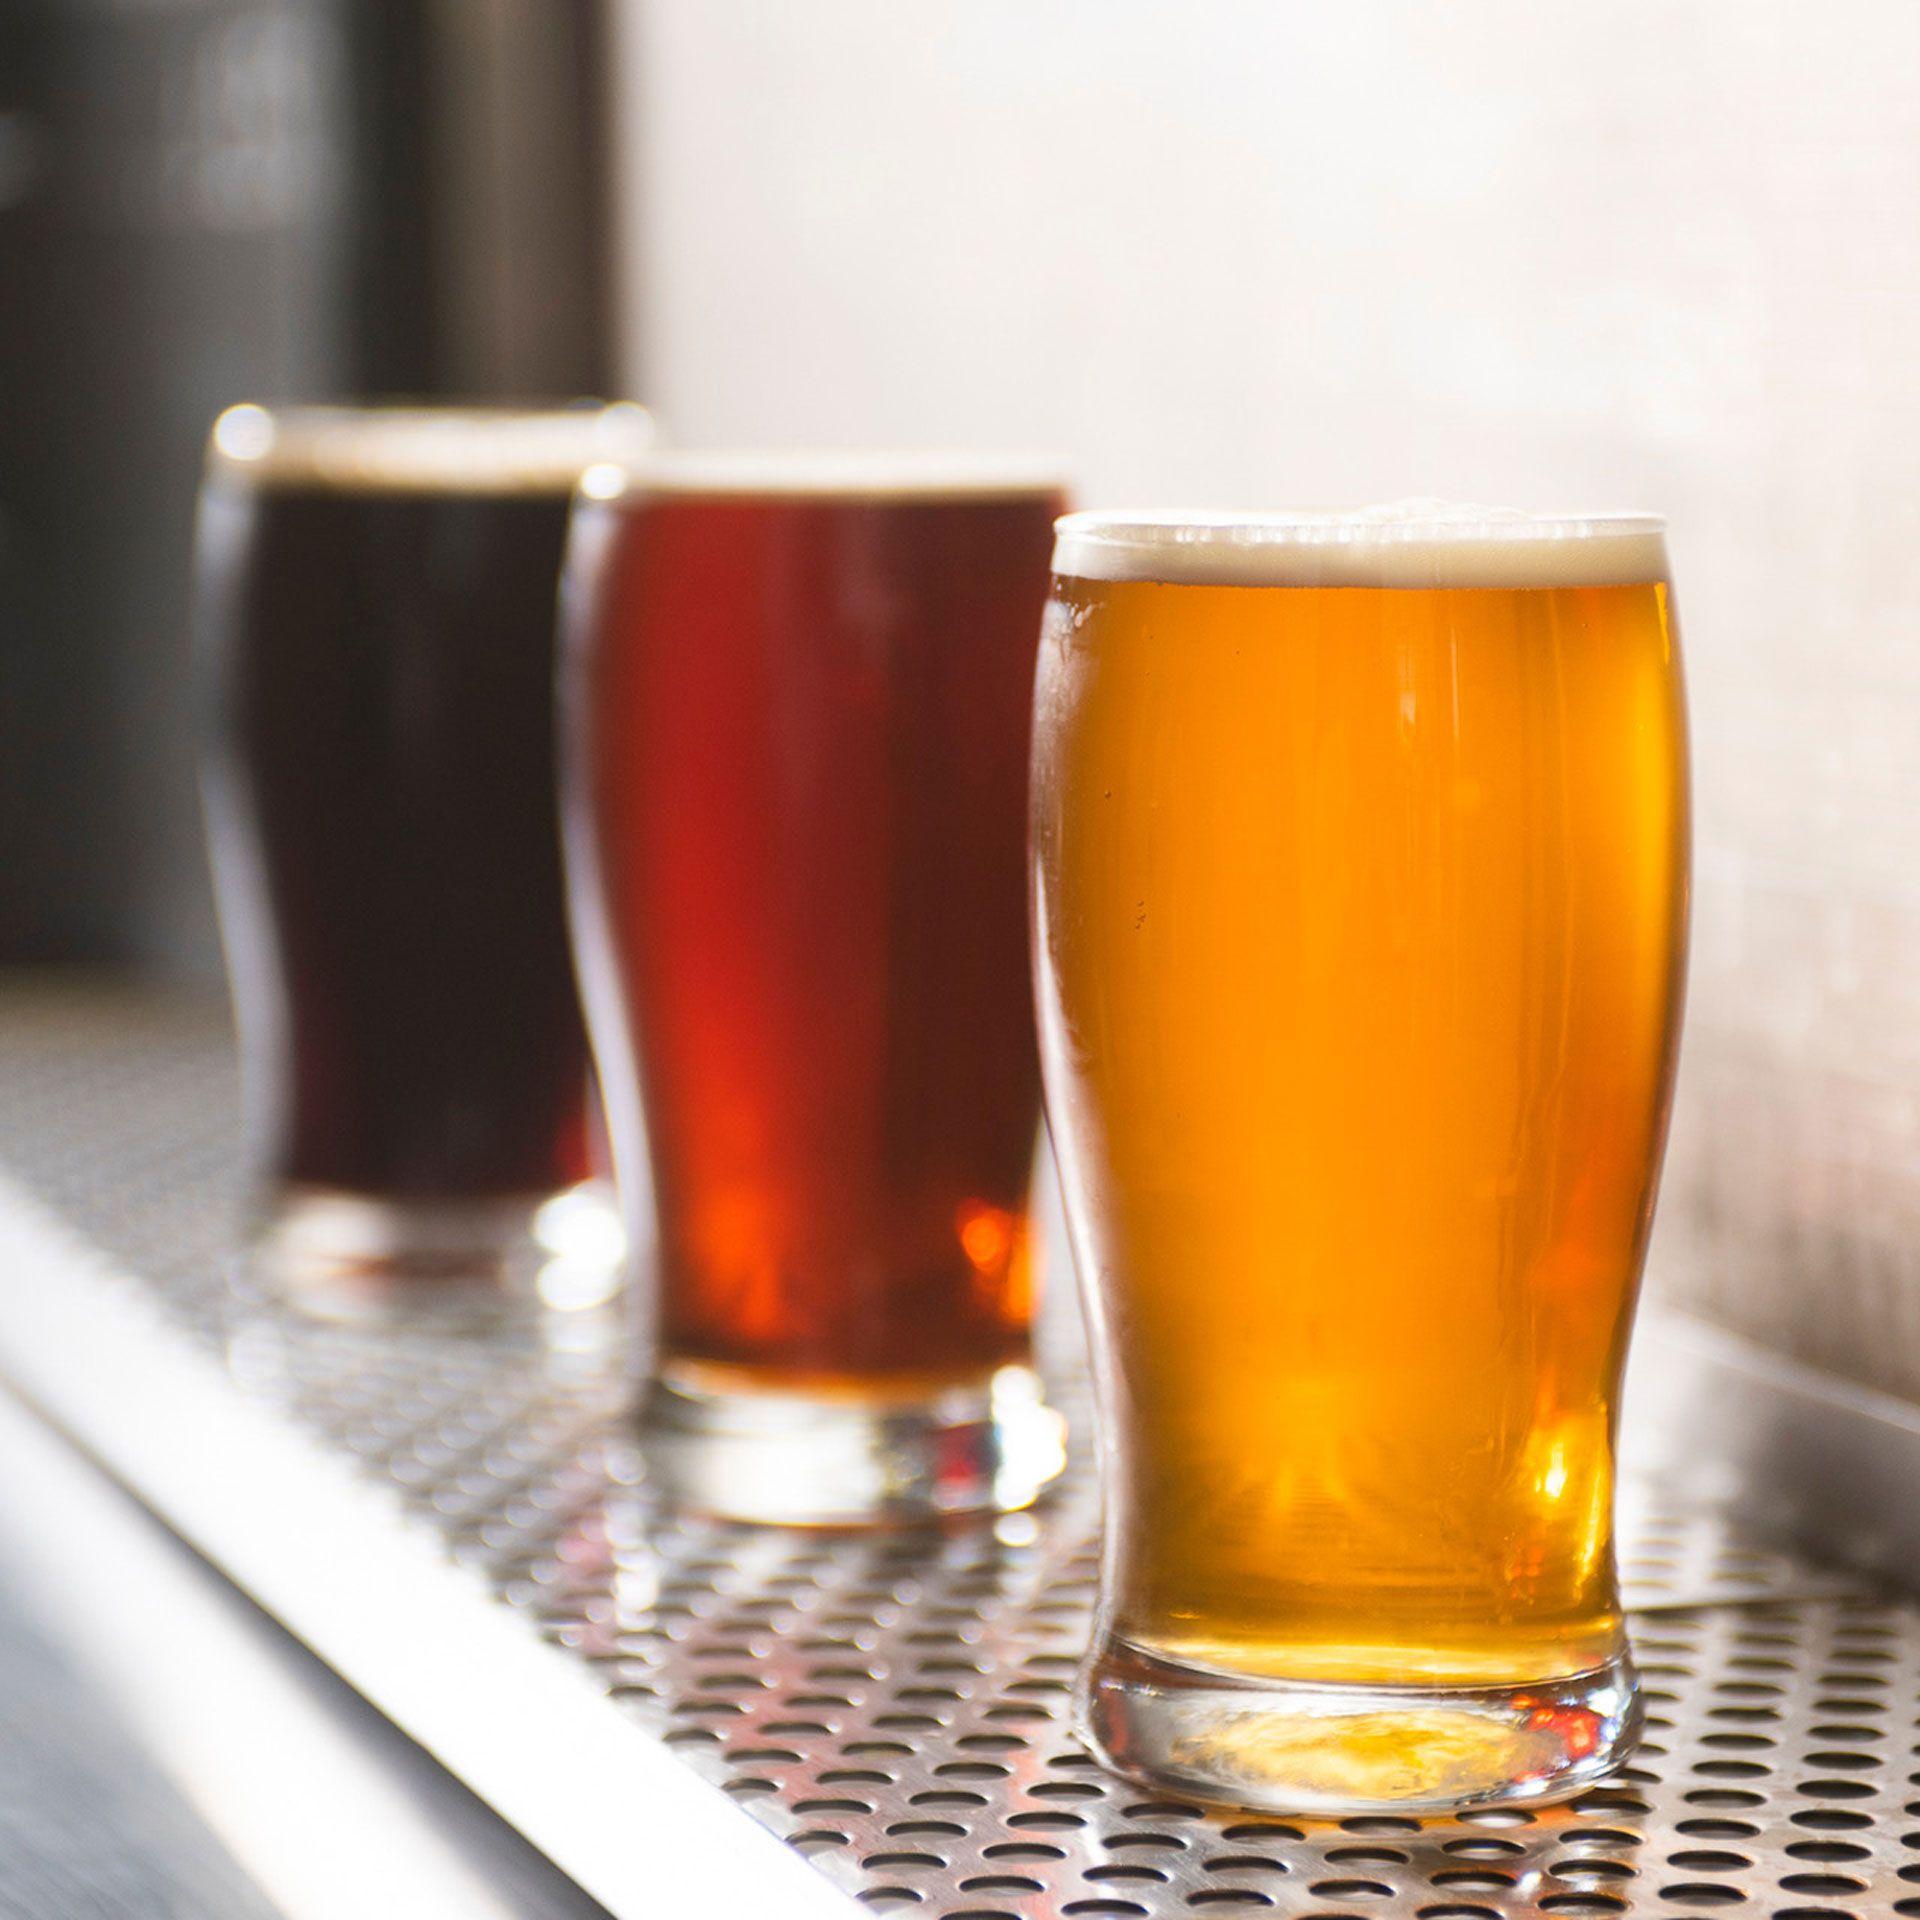 Los tres estilos de cerveza, rubia, negra y roja para todos los paladares